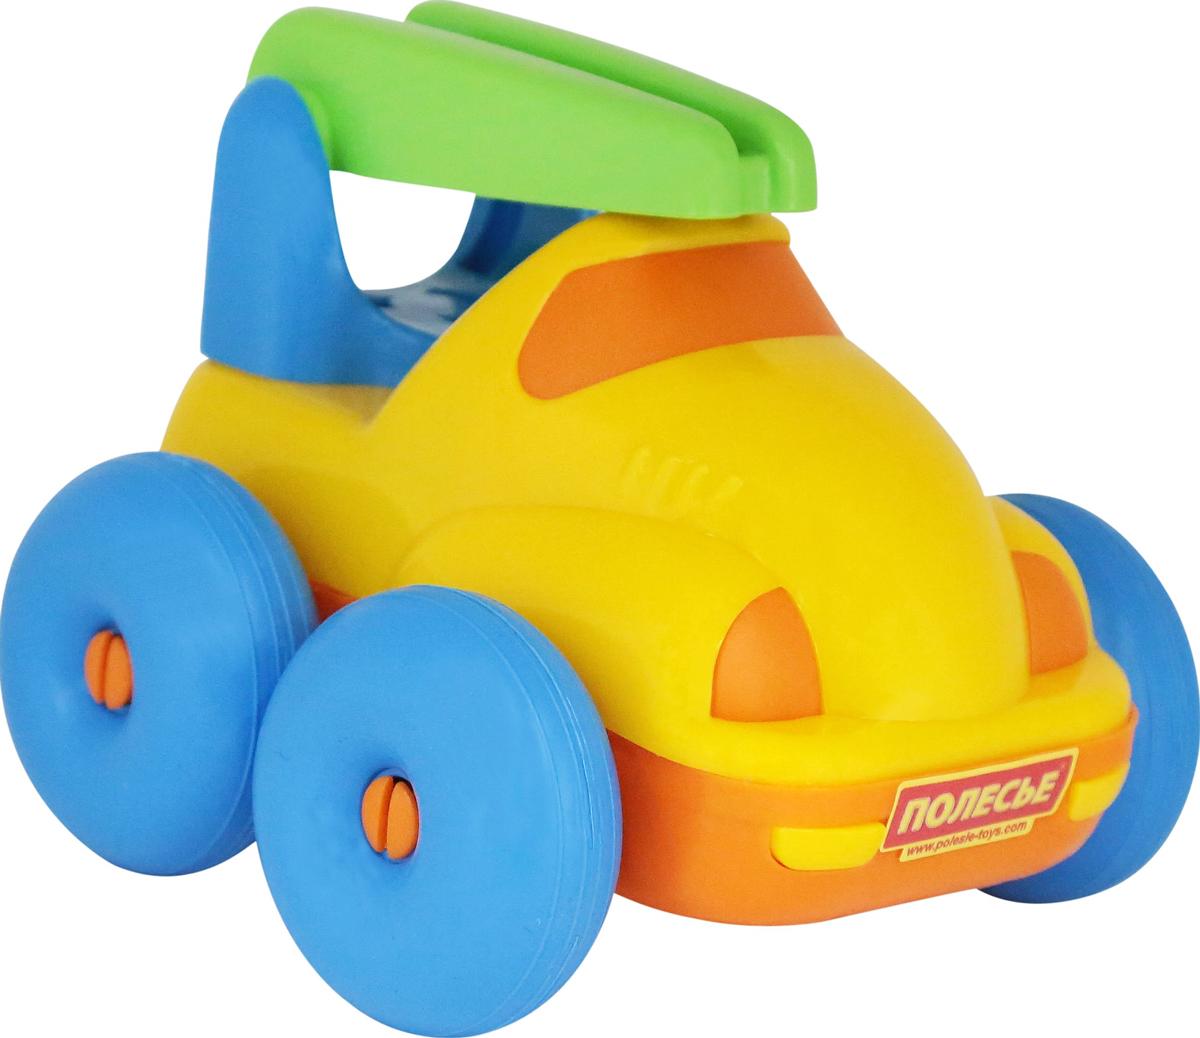 Полесье Пожарный автомобиль Блоппер, цвет в ассортименте автомобиль пластмастер малютка зефирки цвет в ассортименте 31172